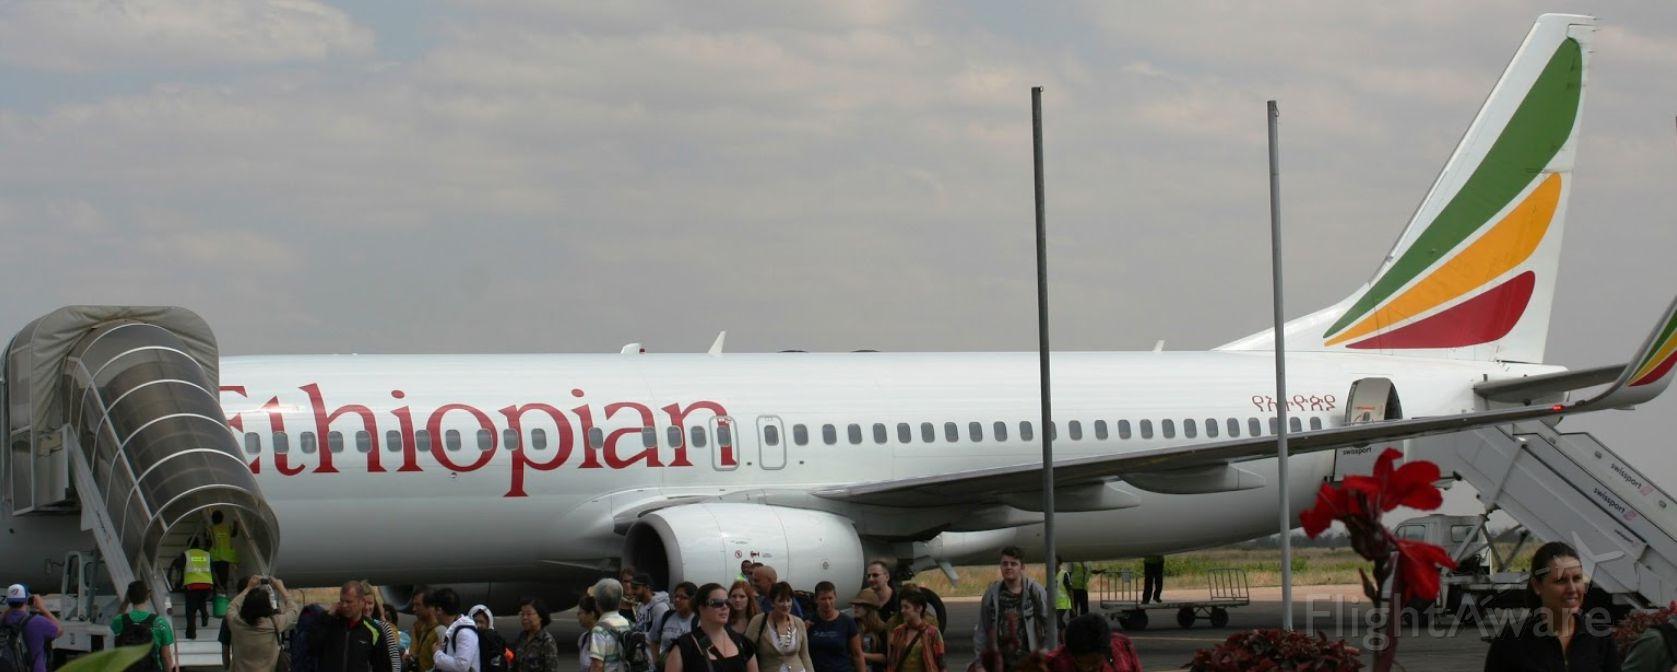 Boeing 737-800 (ET-AOA) - After arriving at Mek